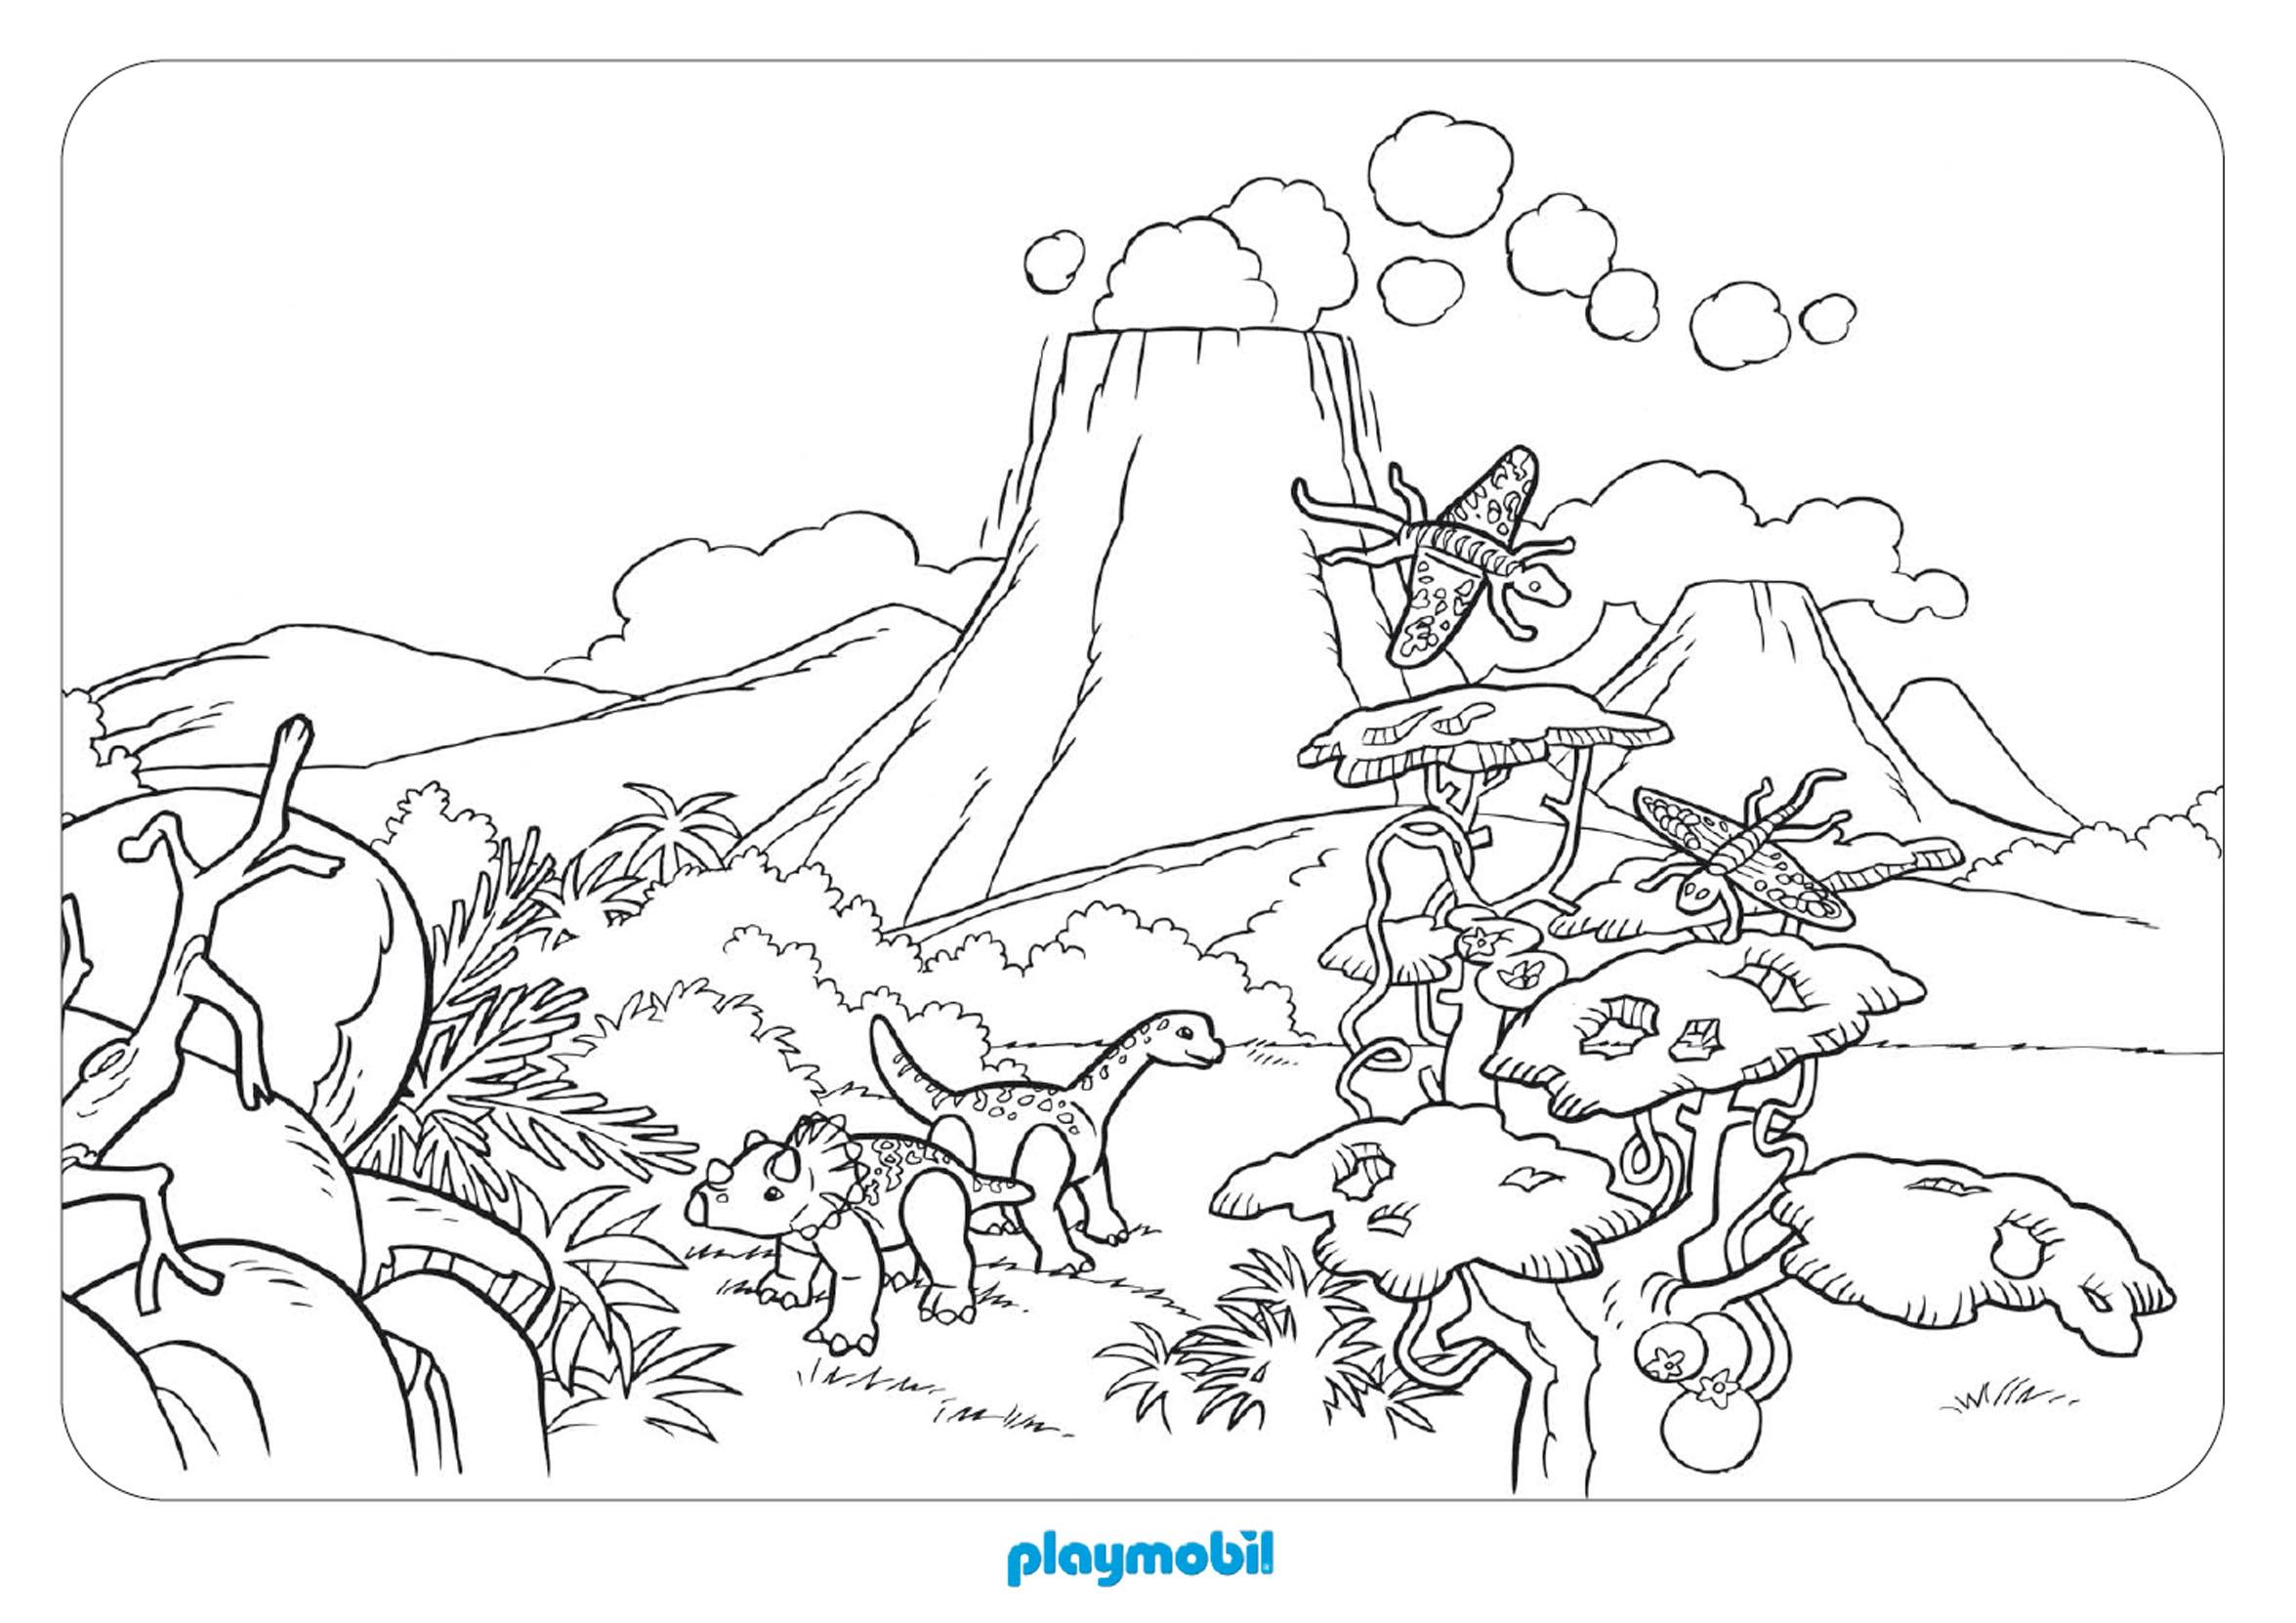 Dessin dinosaure de noel - Dessins de dinosaures ...